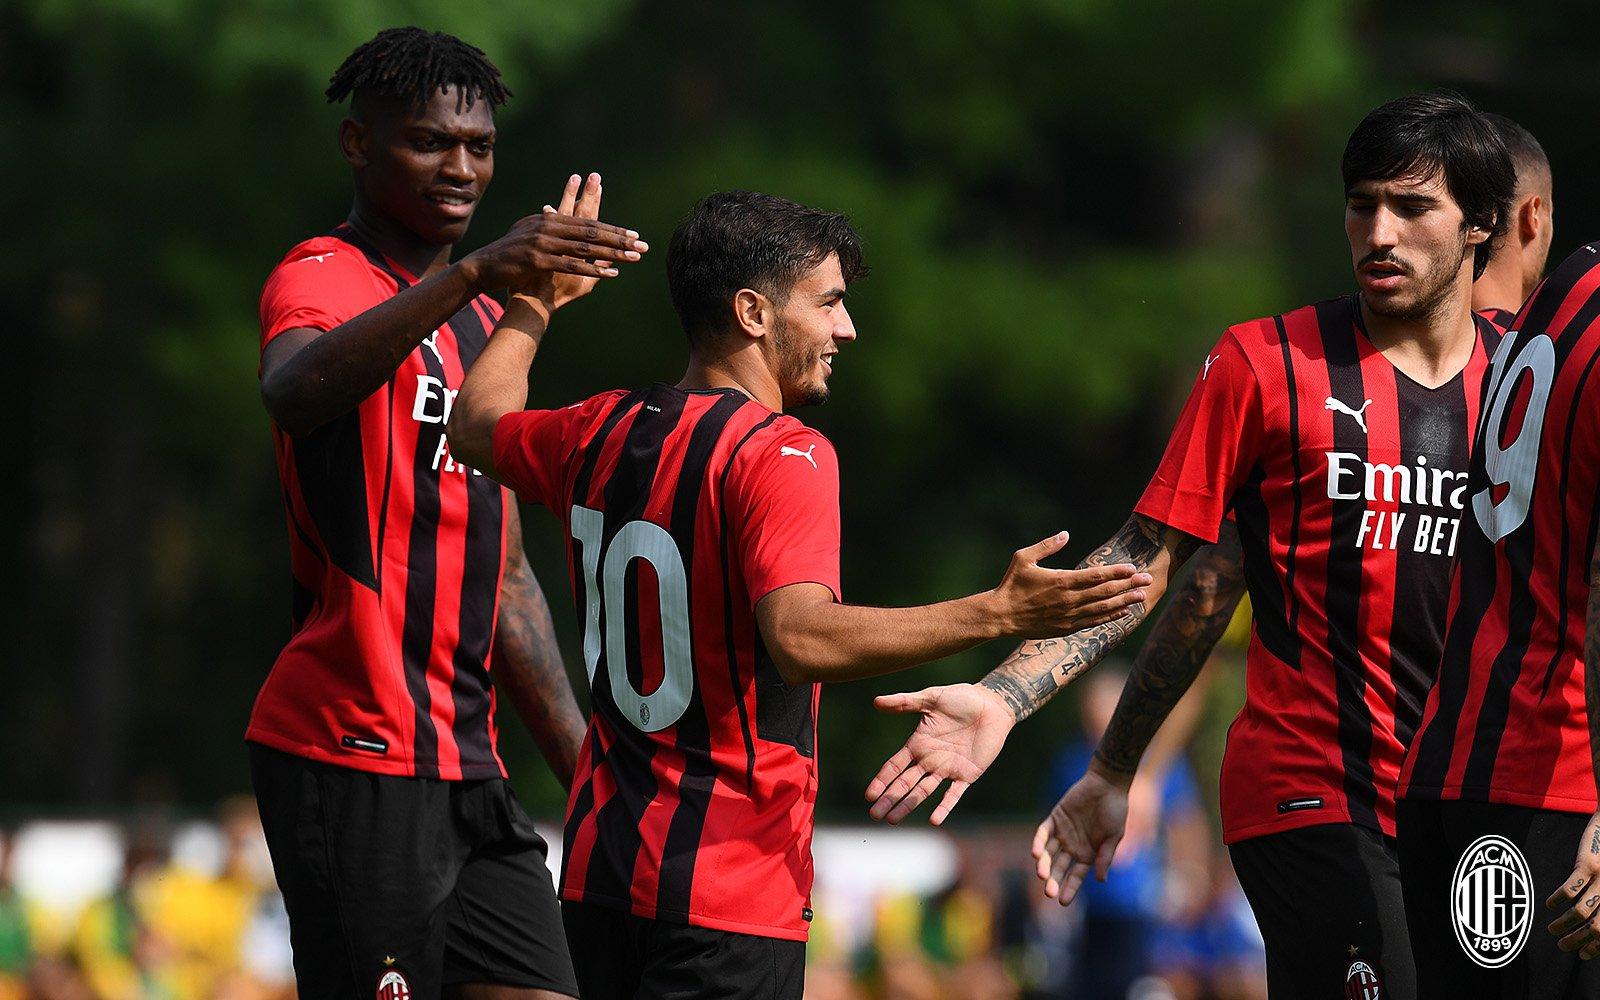 Milan-Modena 5-0: i promossi e i bocciati dai tifosi |  Sport e Vai